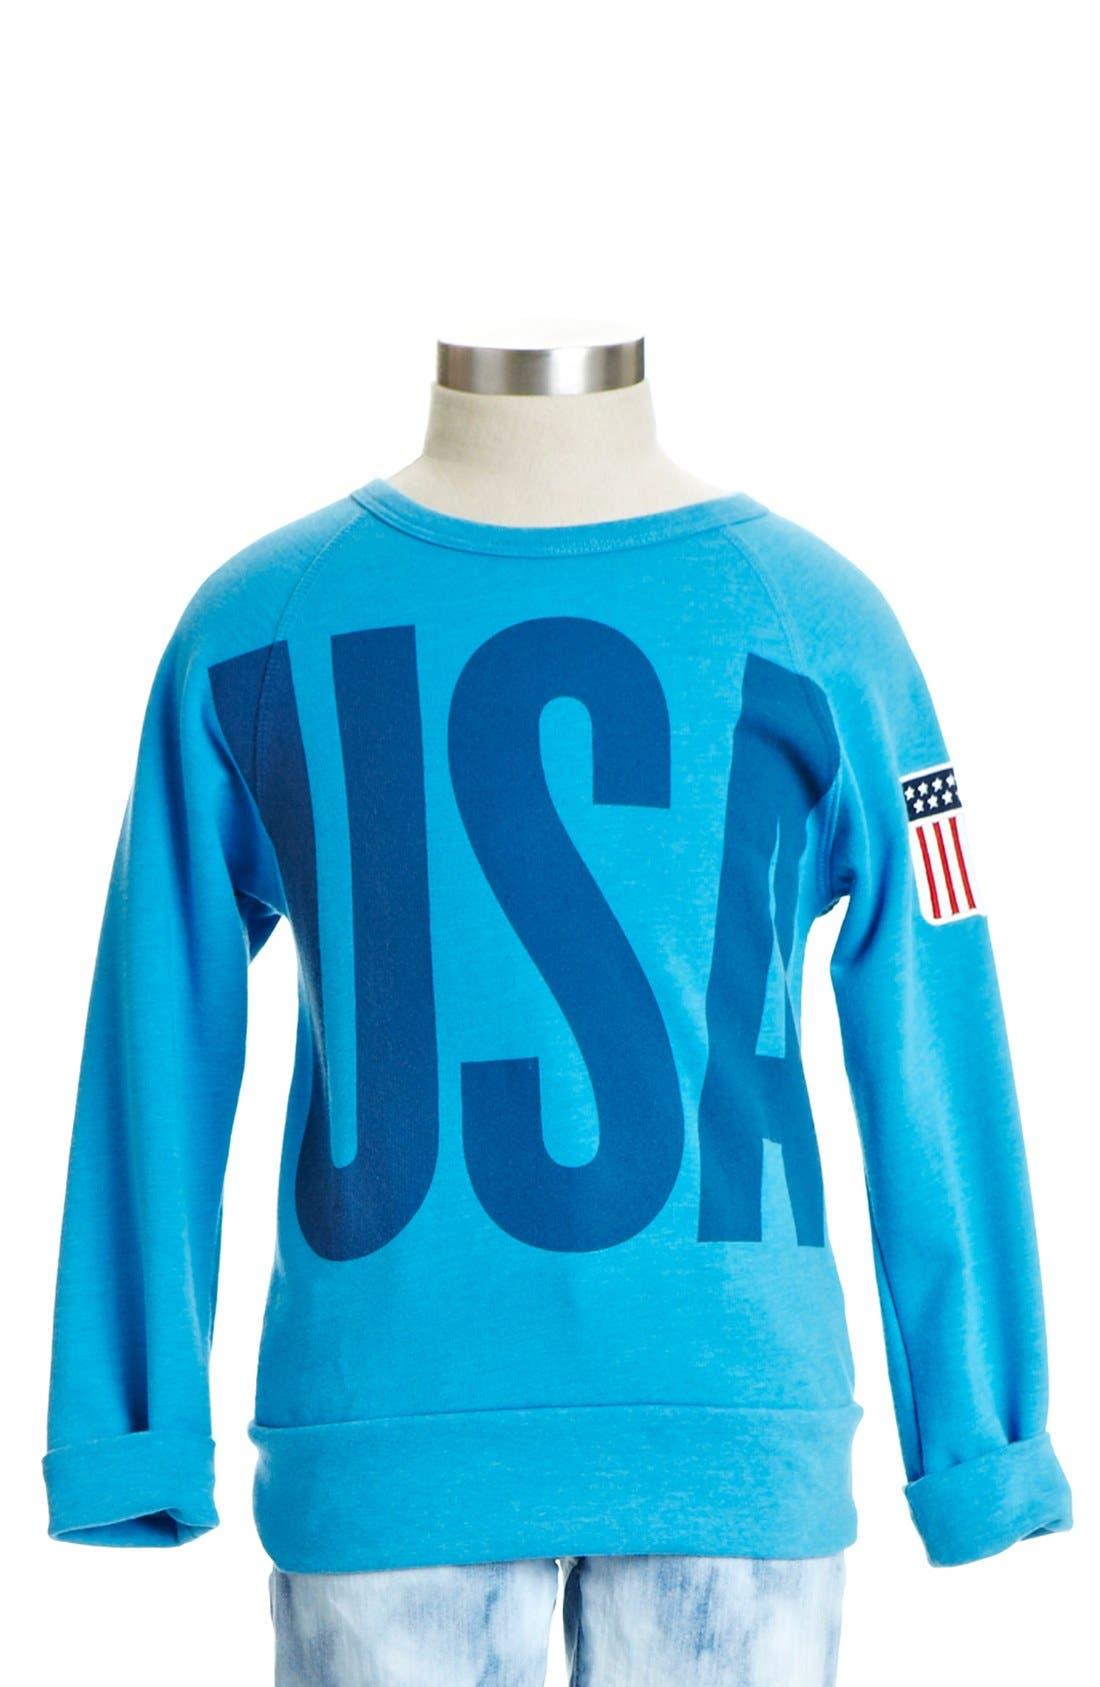 Alternate Image 3  - Peek 'USA' Crewneck Sweatshirt (Toddler Girls, Little Girls & Big Girls)